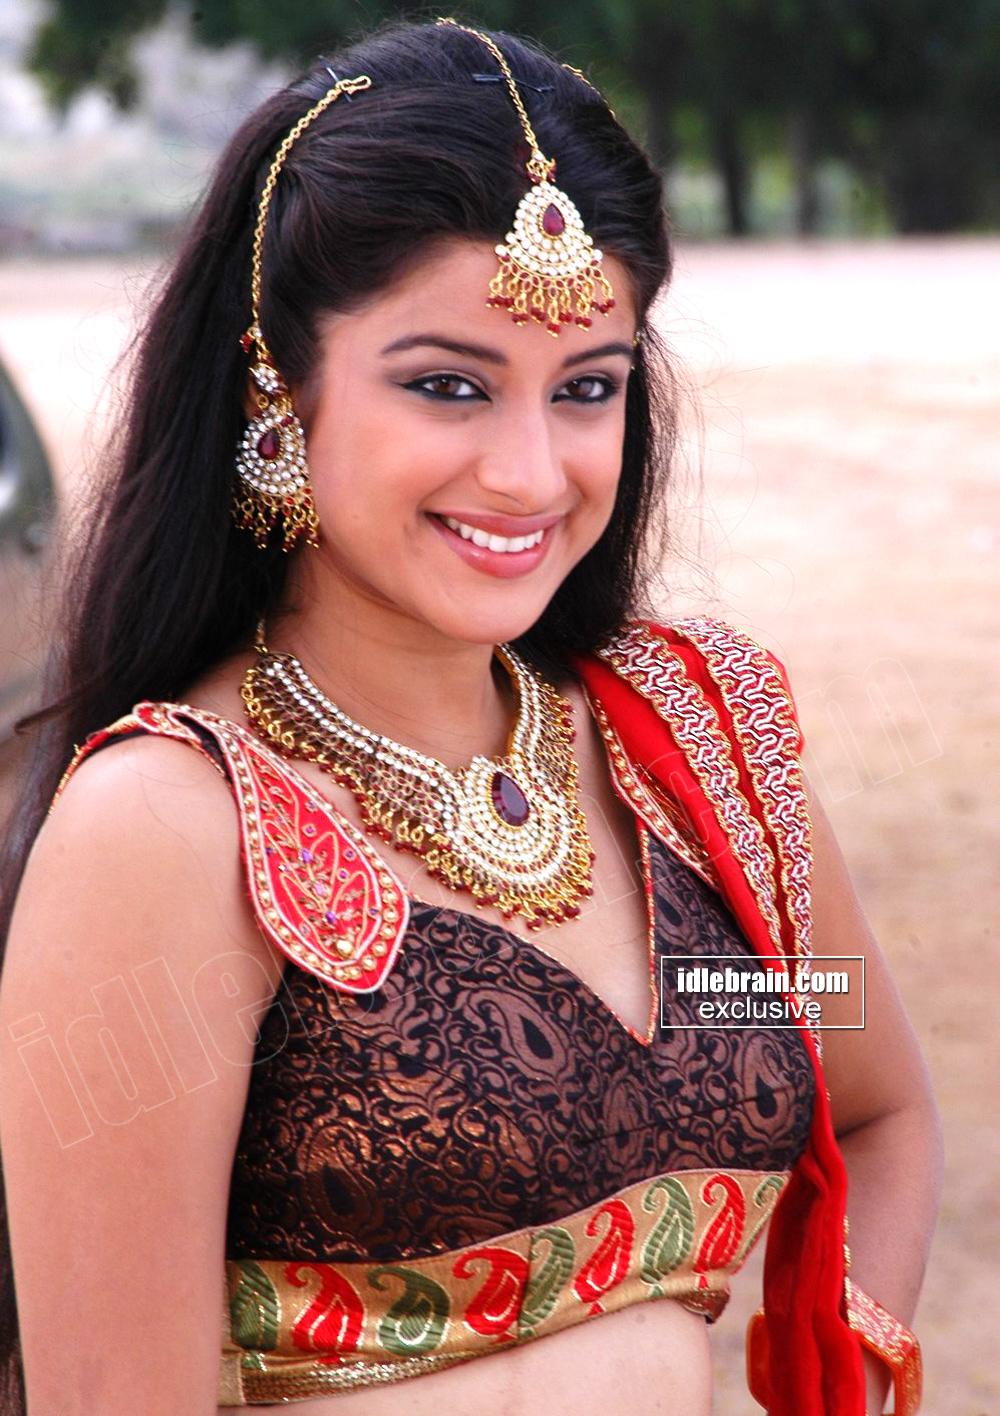 HOT INDIAN ACTRESS BLOG: TELUGU HOT Actress MADHURIMA Hot Masala Pics ...